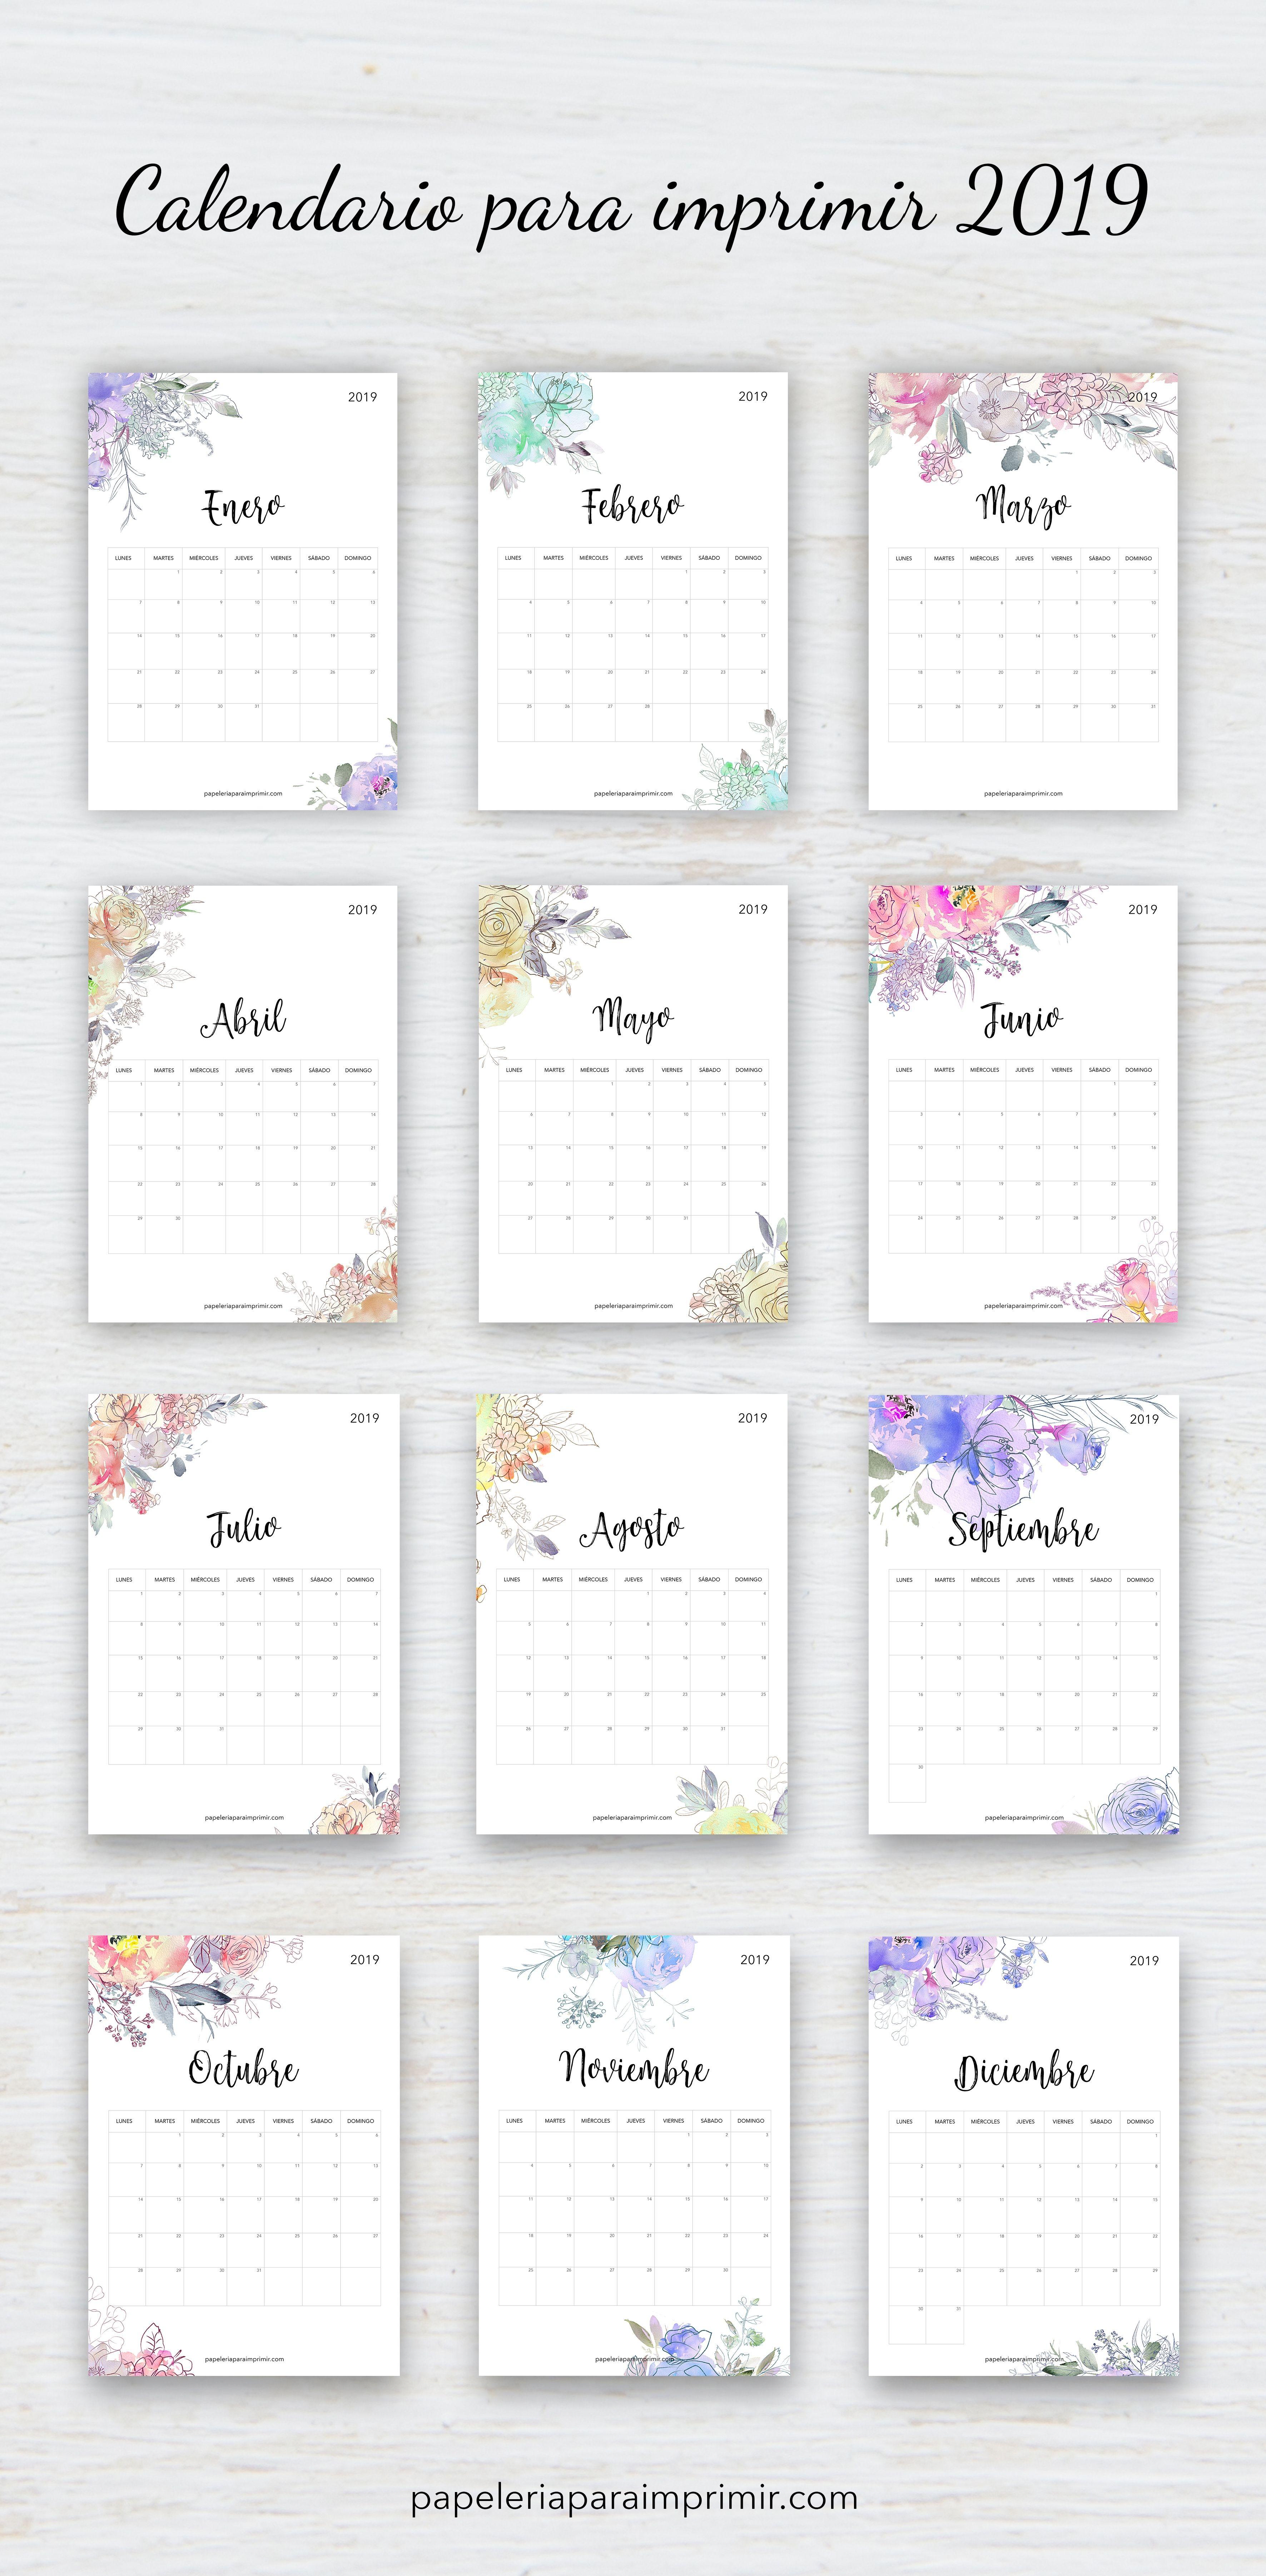 Calendario Mes Febrero 2017 Más Recientes soraya Del Rey sorayadelreyestudio En Pinterest Of Calendario Mes Febrero 2017 Recientes Informacion Calendario 2019 Argentina Para Imprimir Febrero